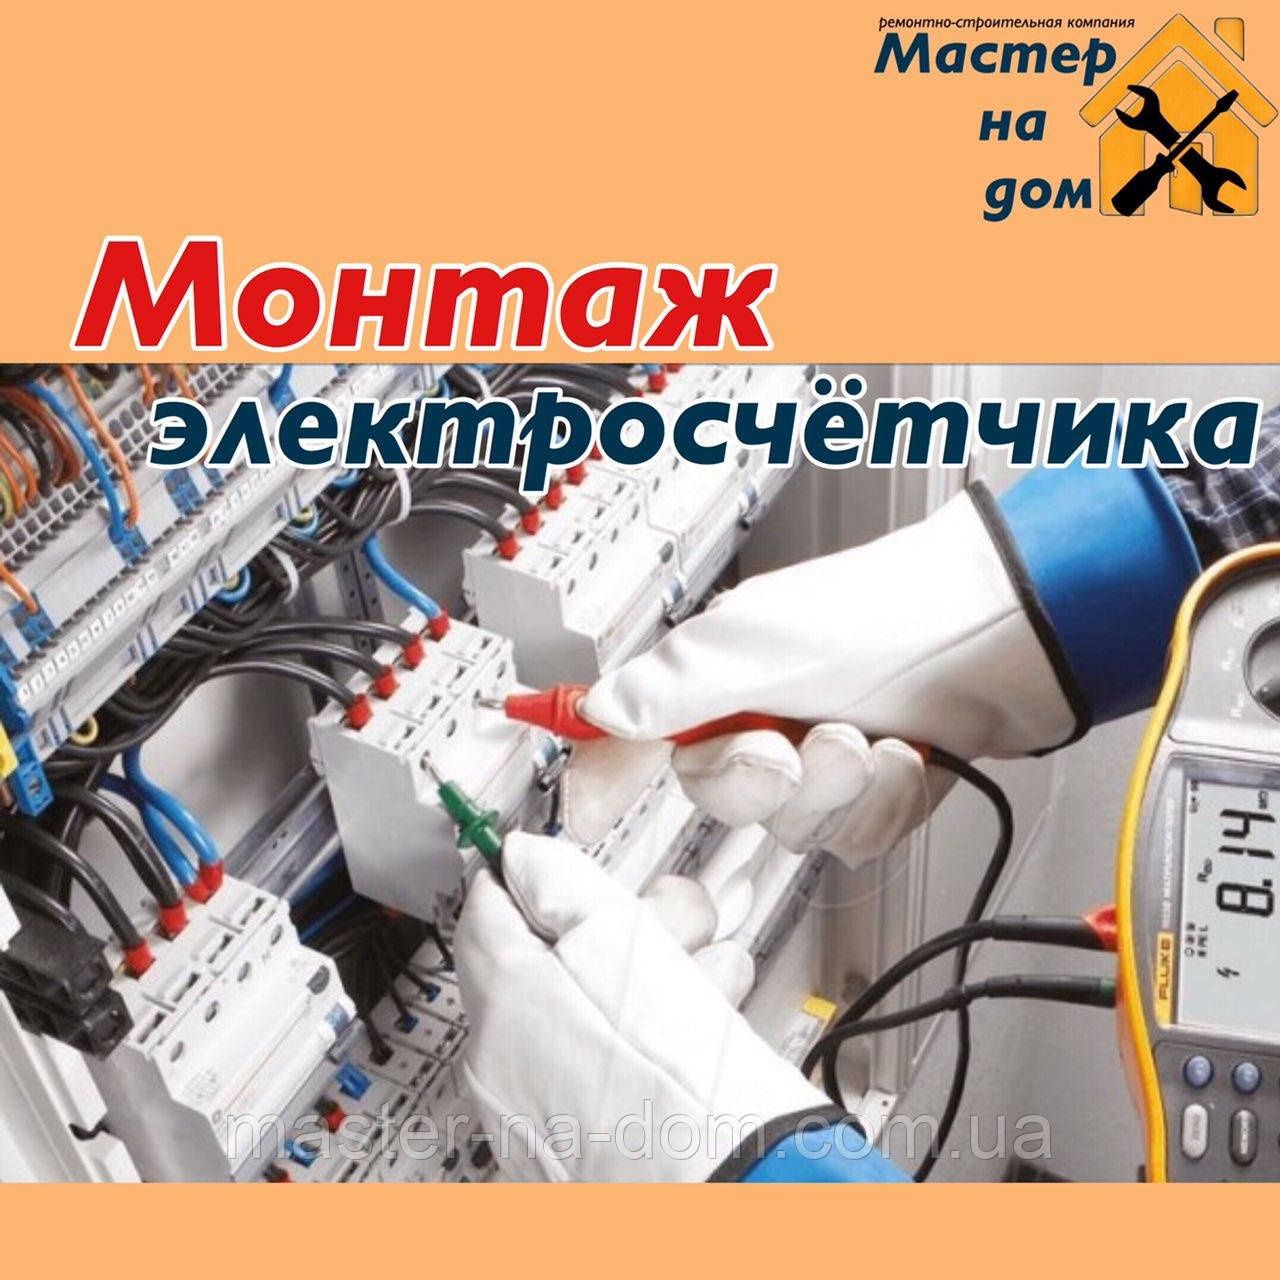 Монтаж электросчётчиков в Николаеве